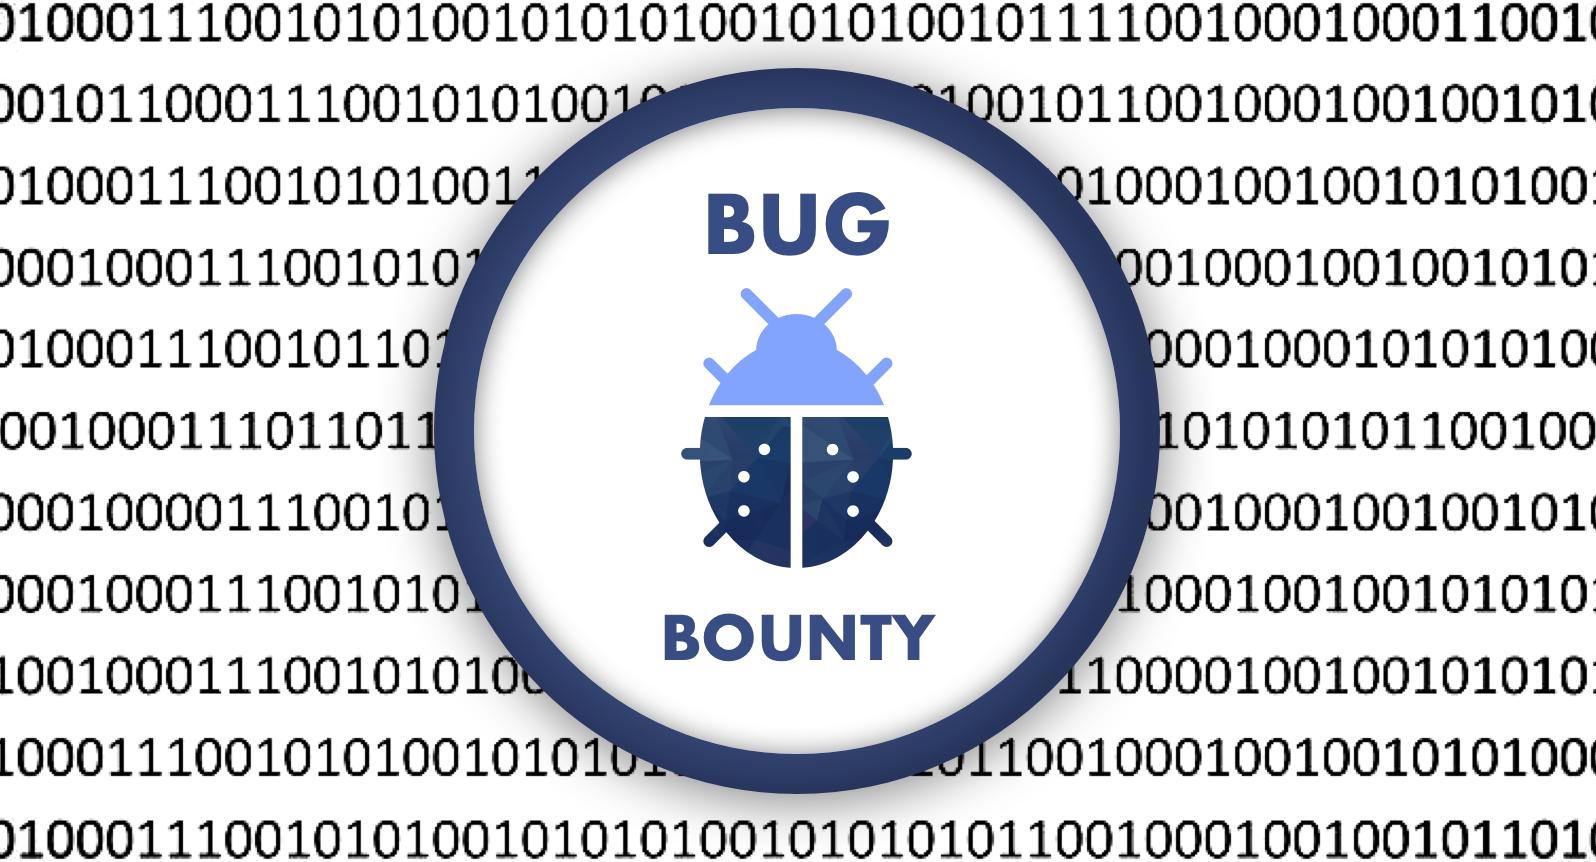 Havven eUSD Bug Bounty